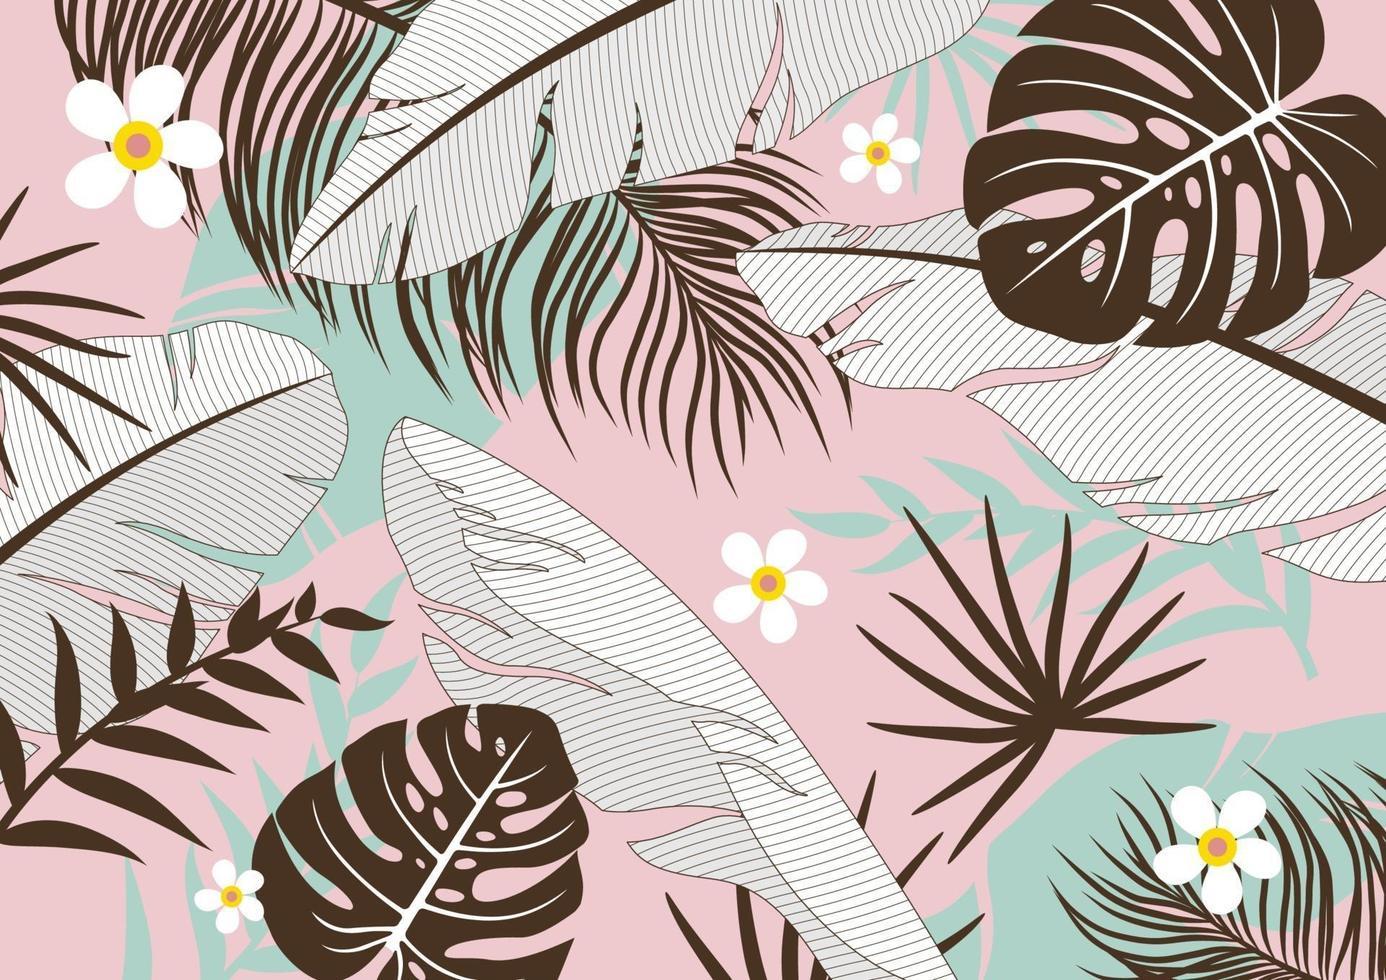 tropische Blätter Hintergrundvektorillustration vektor